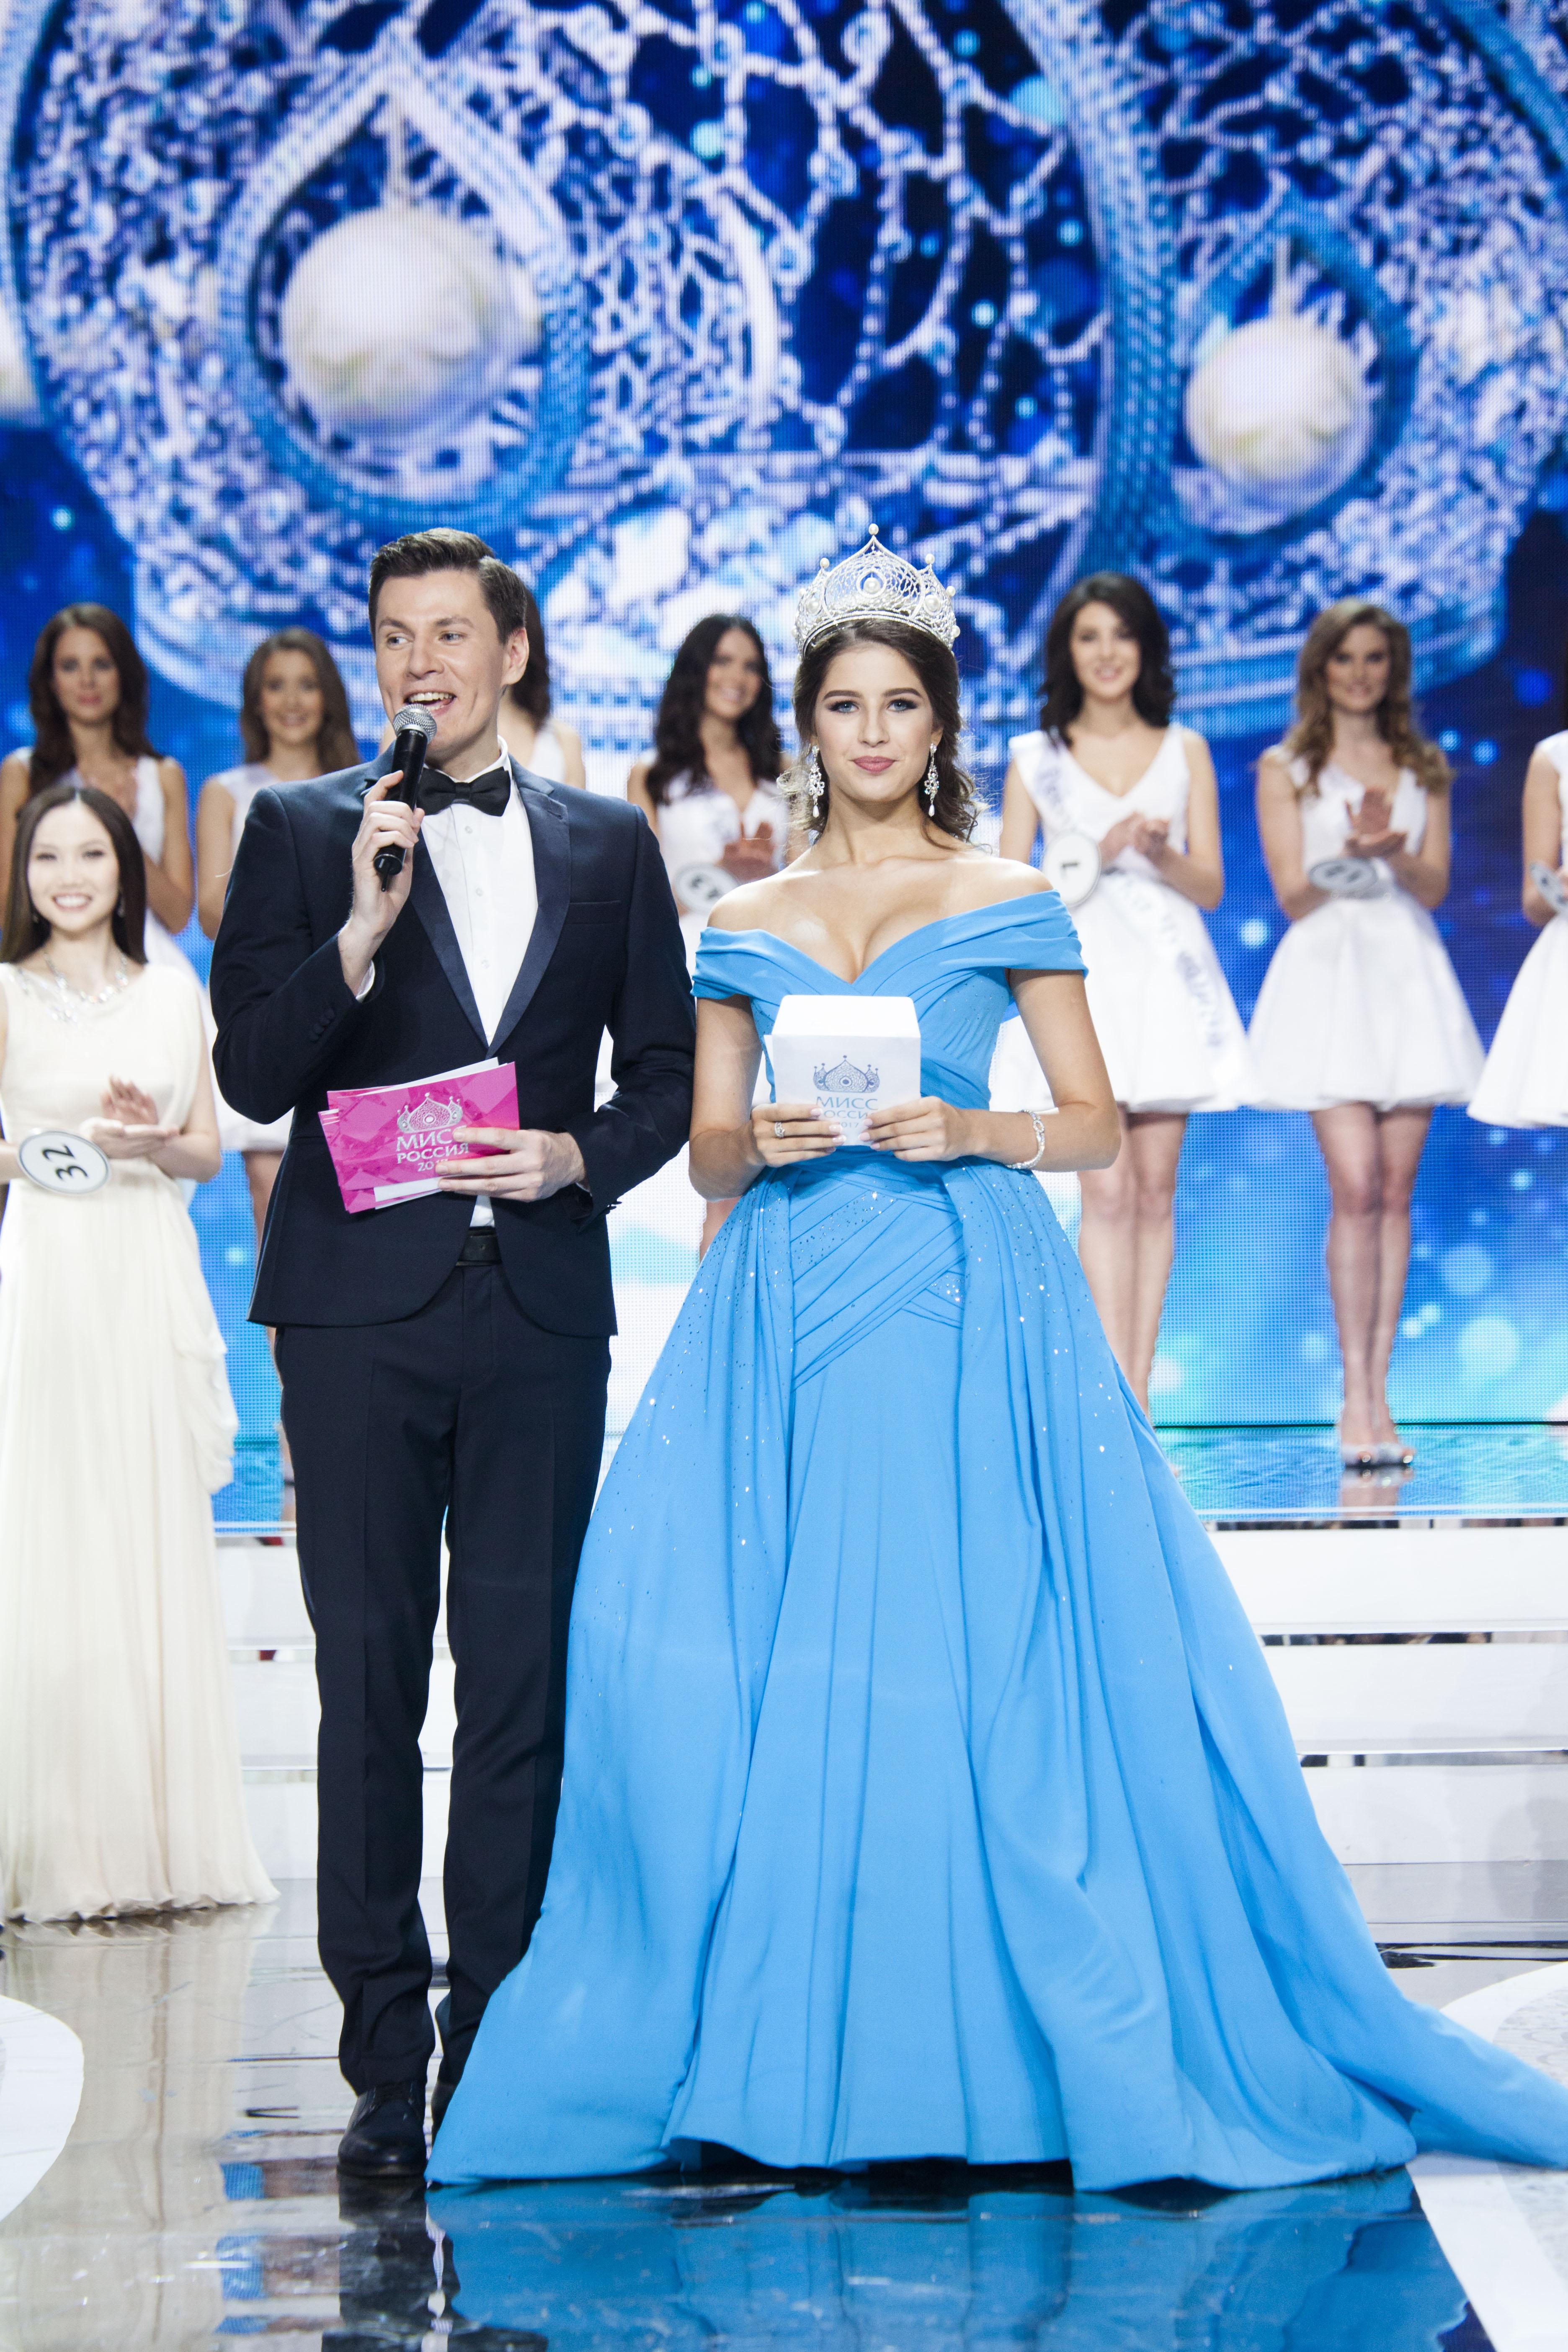 Фото конкурса мисс россия 2017 в